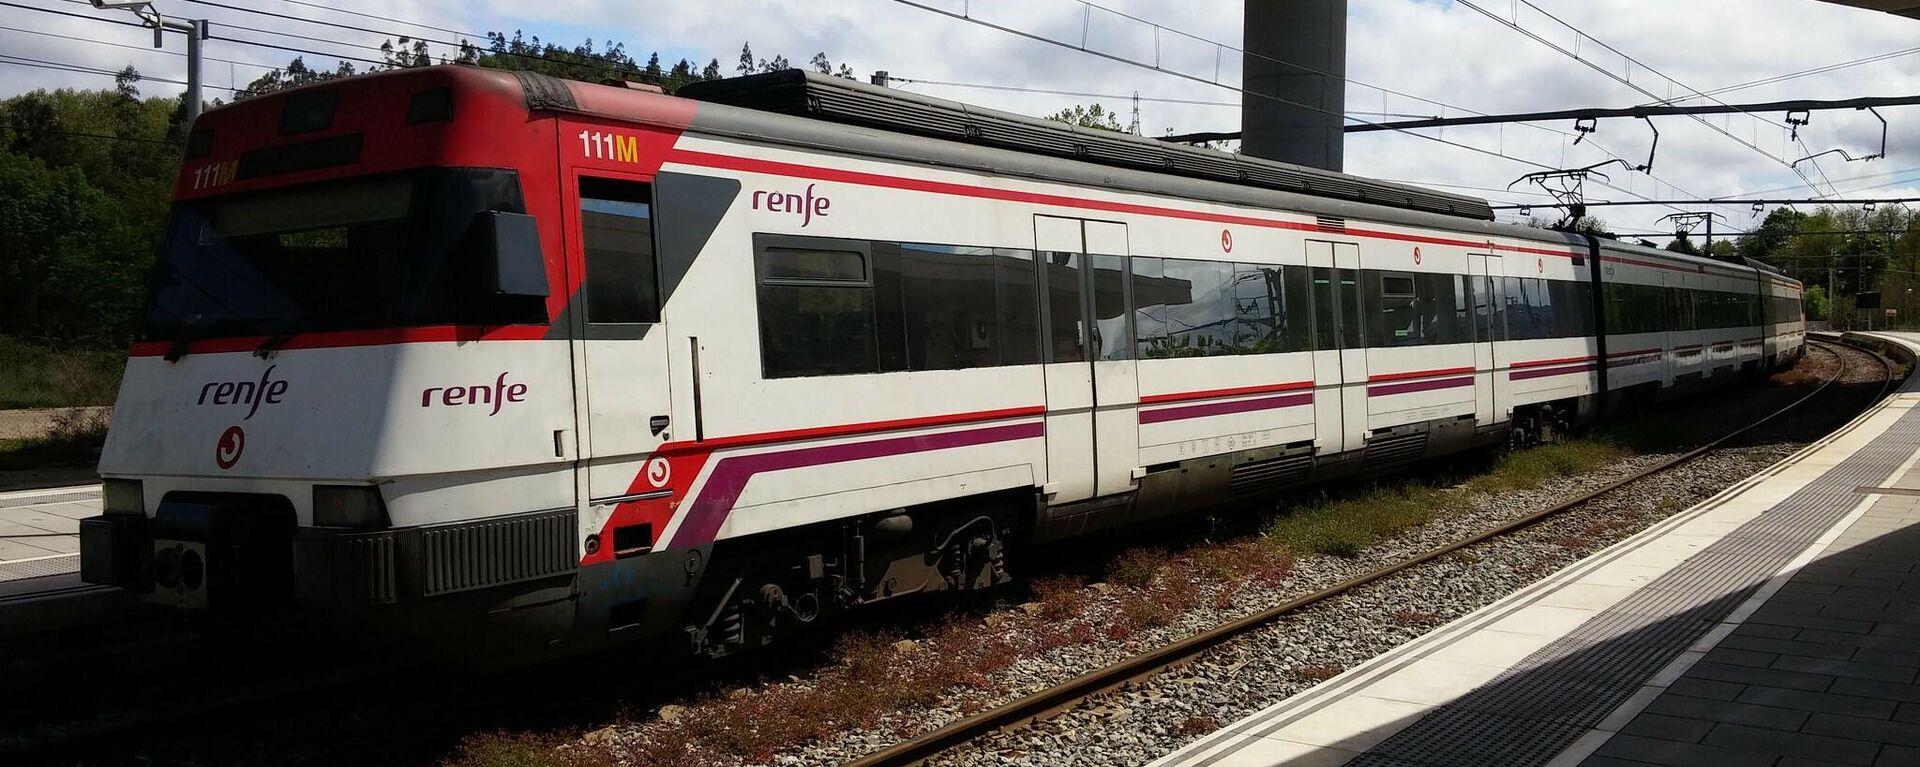 Tren de Cercanías de Renfe - Sputnik Mundo, 1920, 11.02.2021